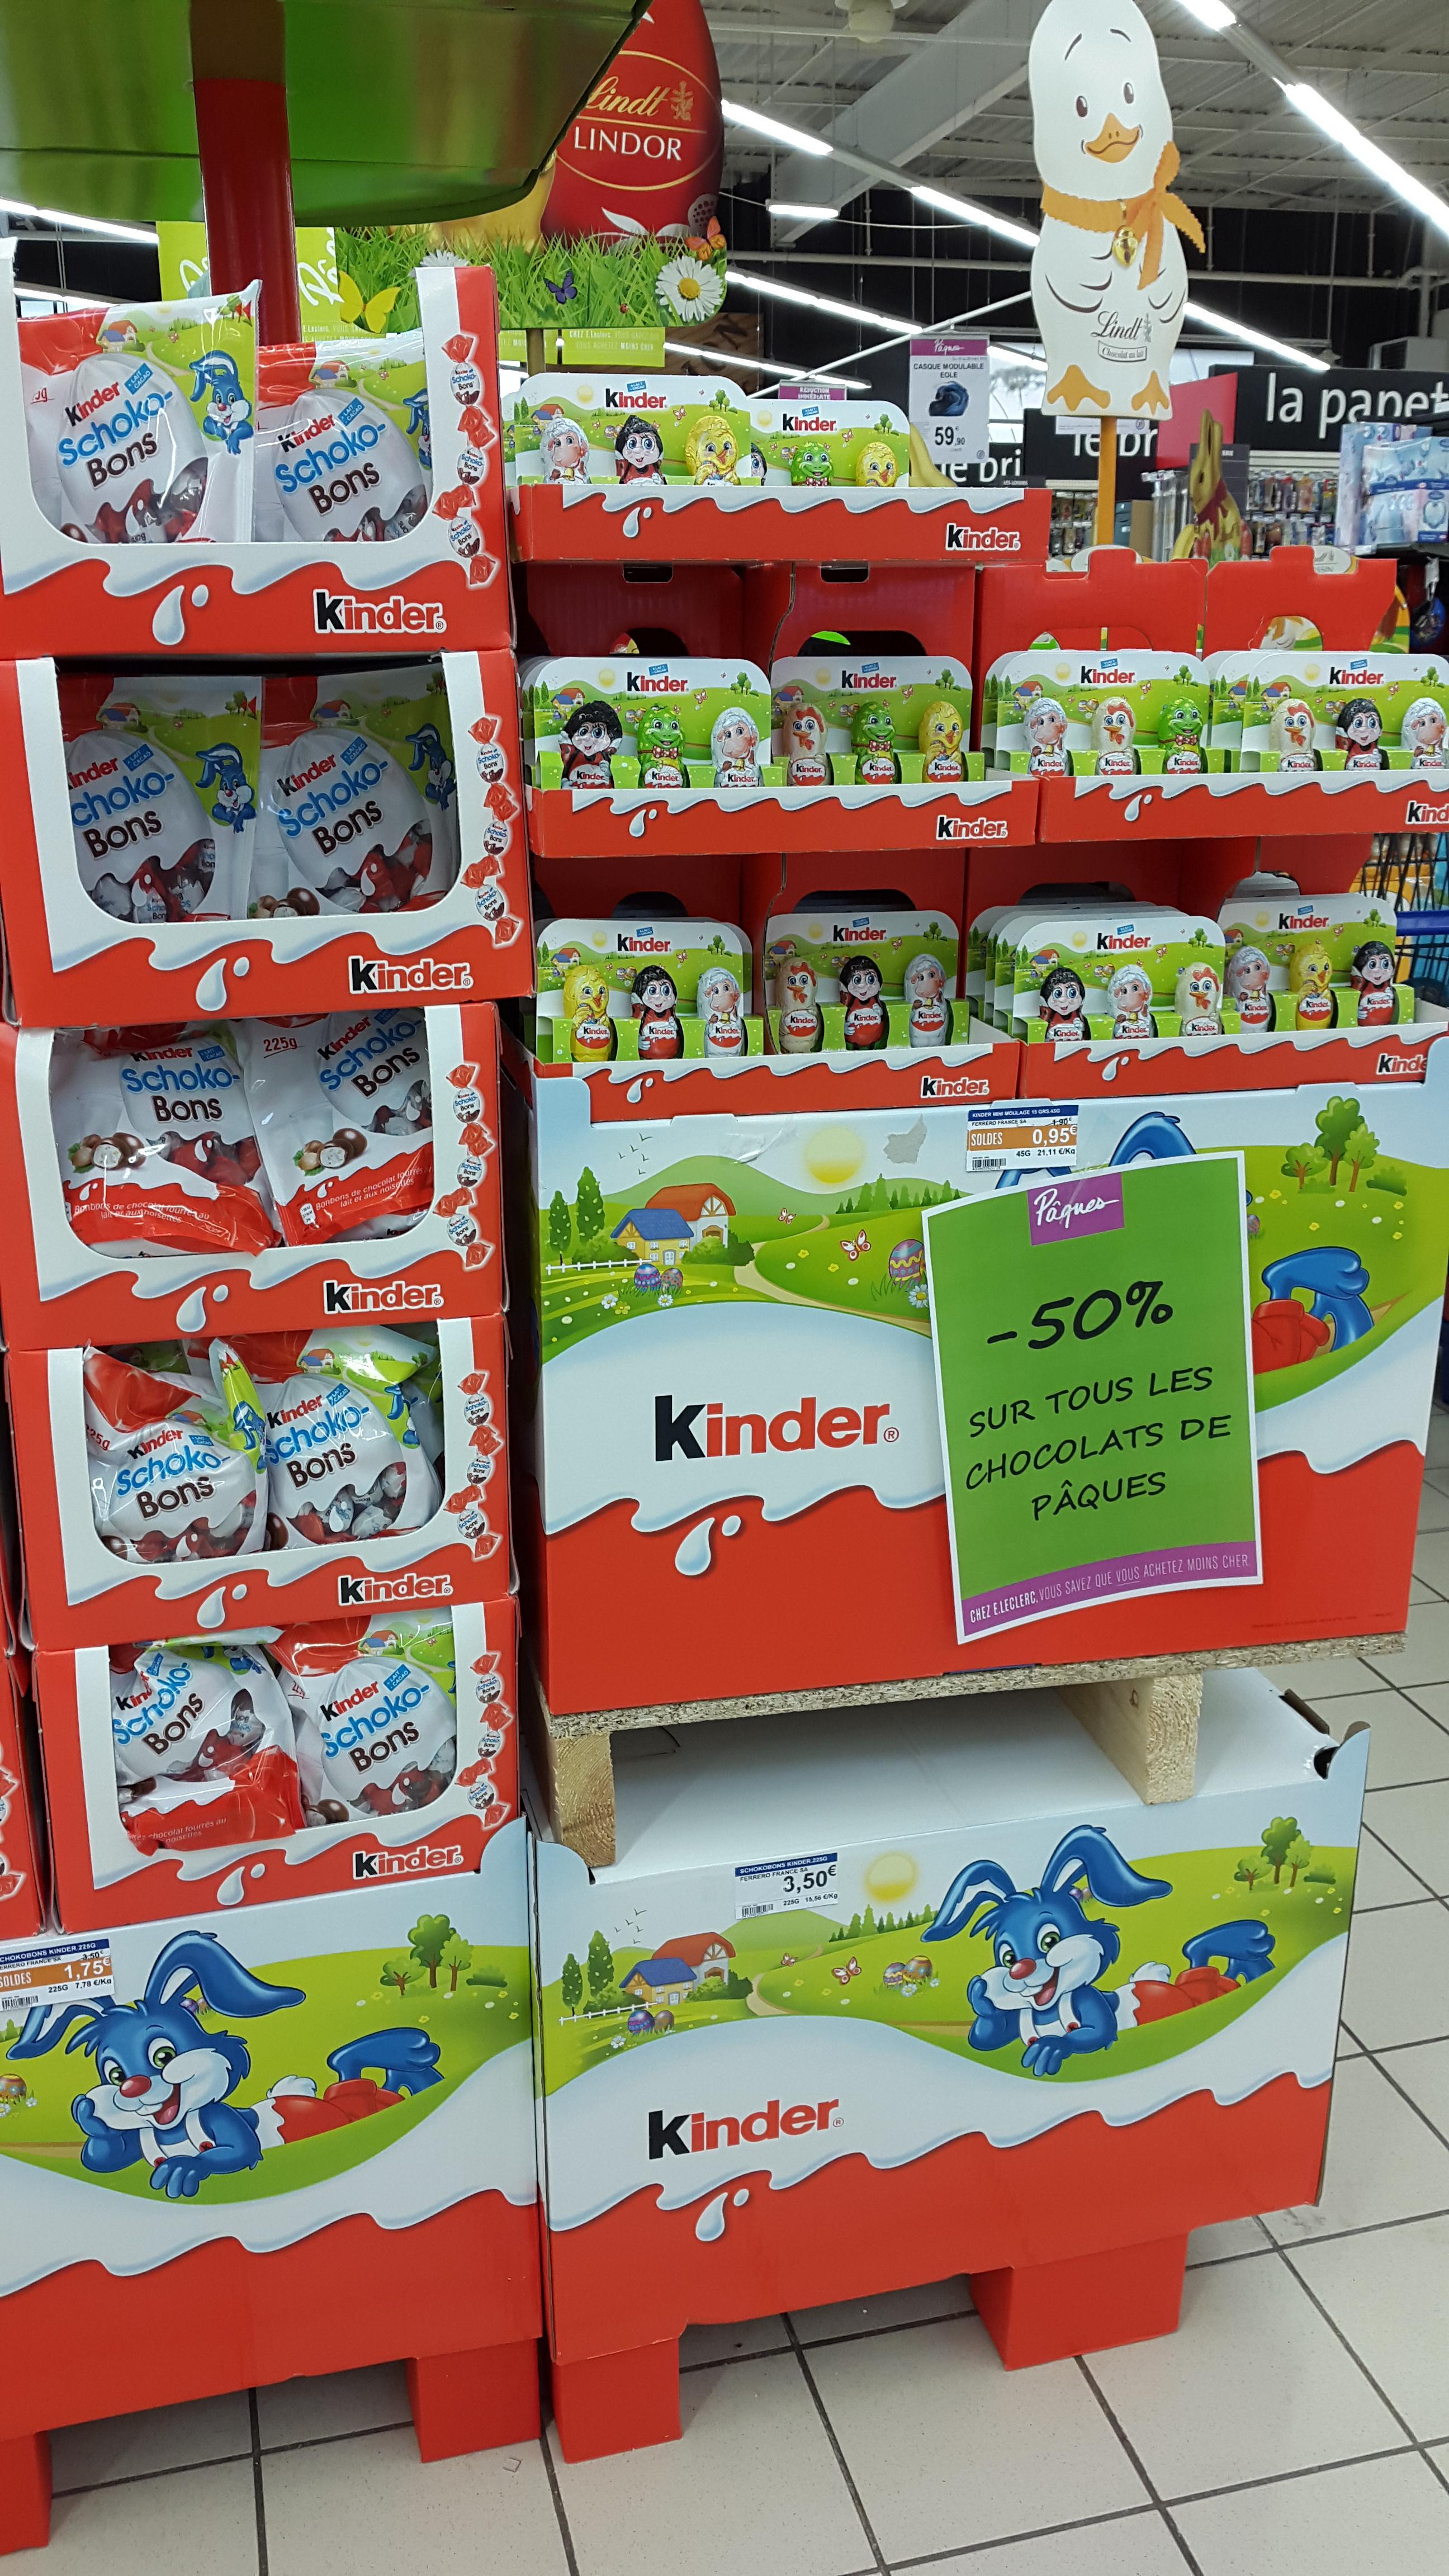 50% de réduction sur tous les chocolats de pâques (y compris les Kinders et Ferreros)